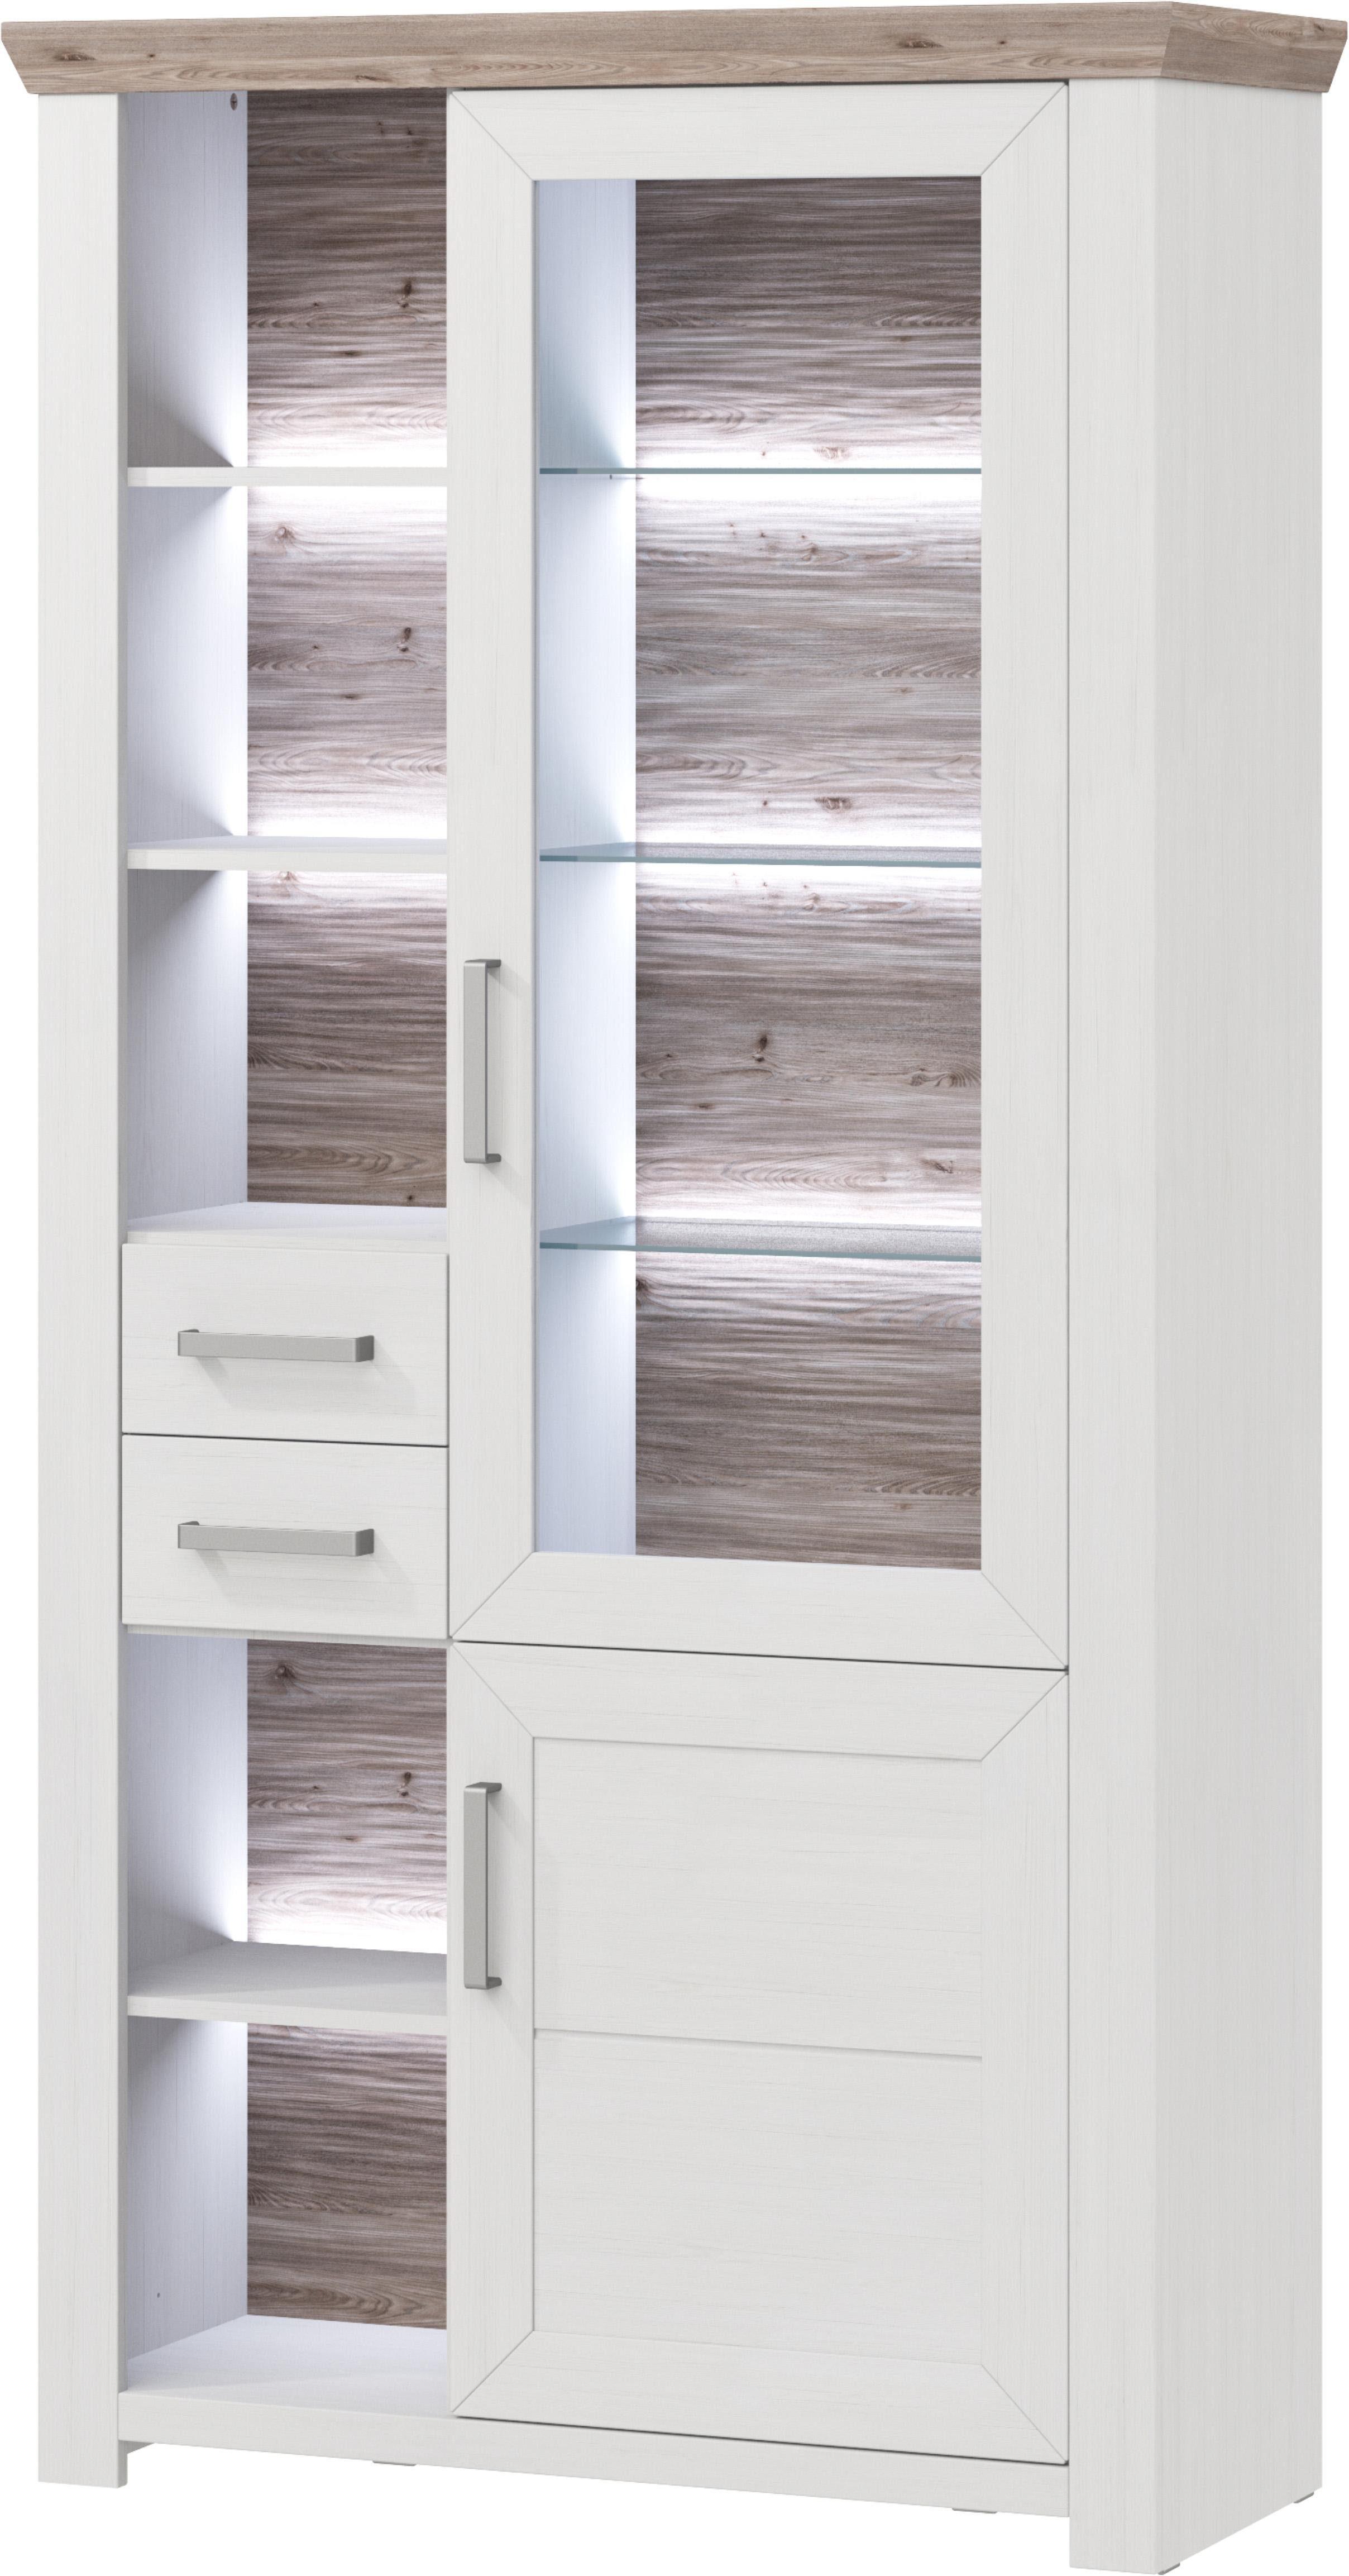 set one by Musterring Vitrinenschrank »york« Typ 06, Pino Aurelio, Türen rechts